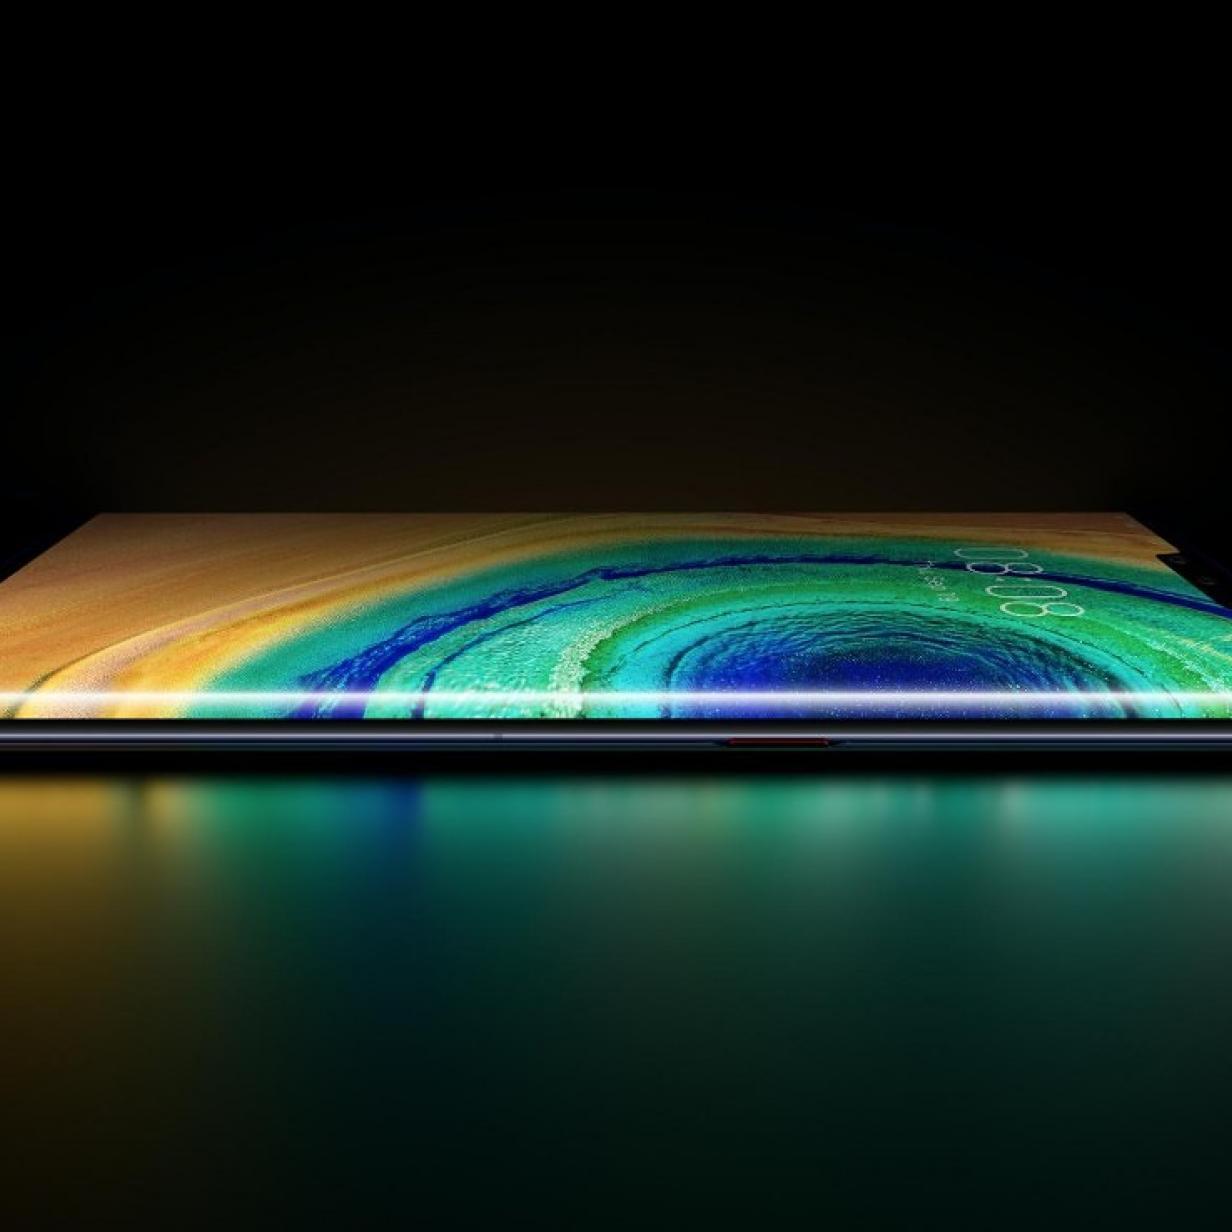 Huawei Mate 30: Fotos aller vier Modelle aufgetaucht